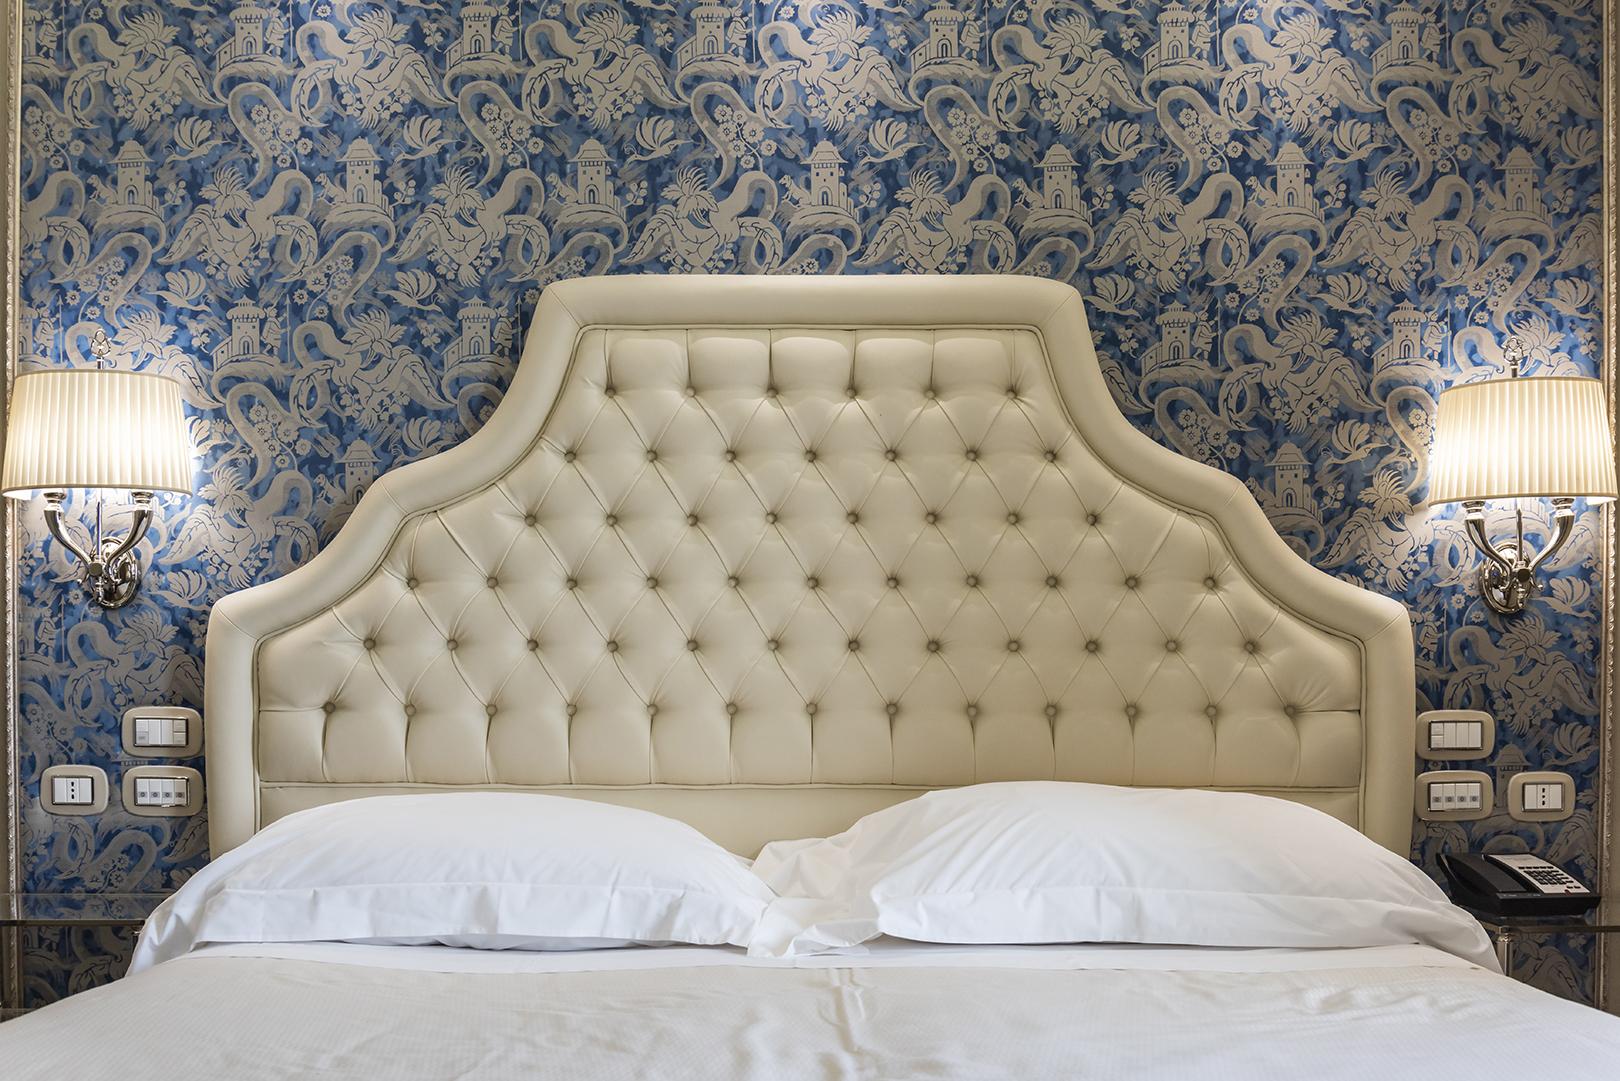 santa chiara hotel bedroom_2.jpg